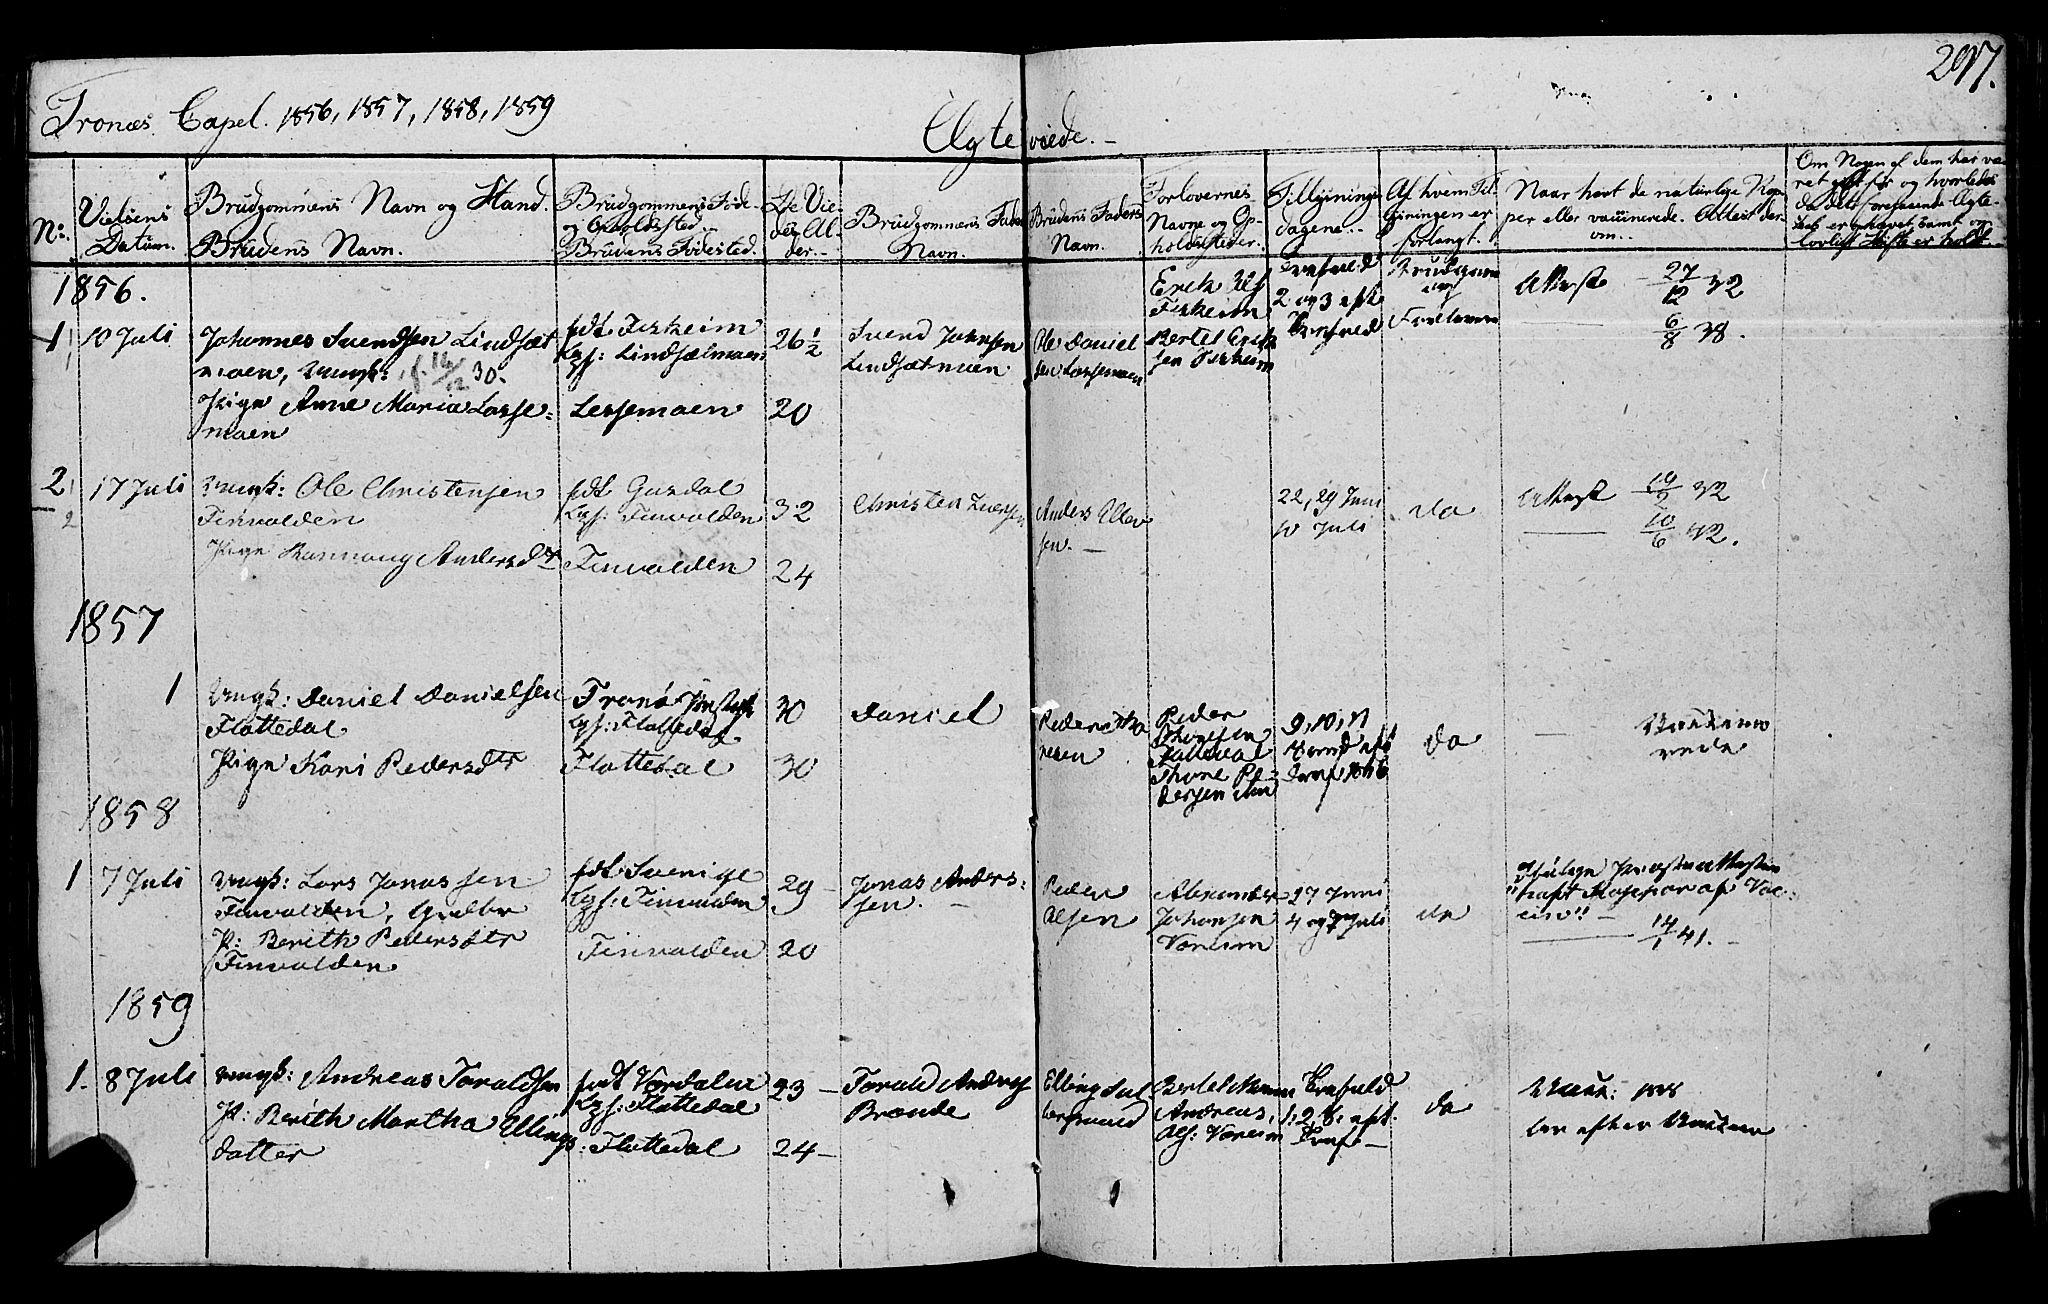 SAT, Ministerialprotokoller, klokkerbøker og fødselsregistre - Nord-Trøndelag, 762/L0538: Ministerialbok nr. 762A02 /2, 1833-1879, s. 297